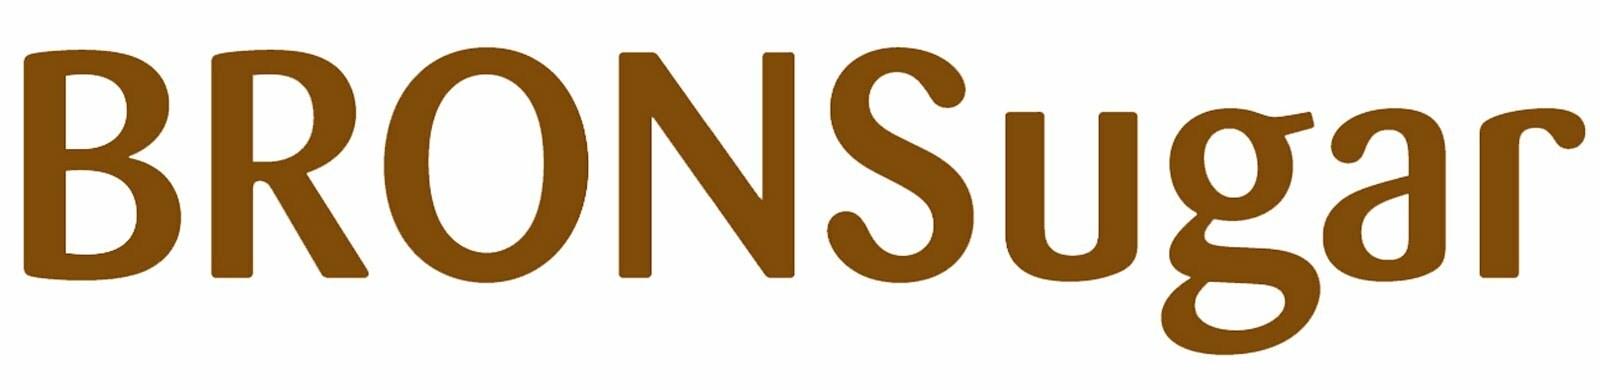 bronsugar logo